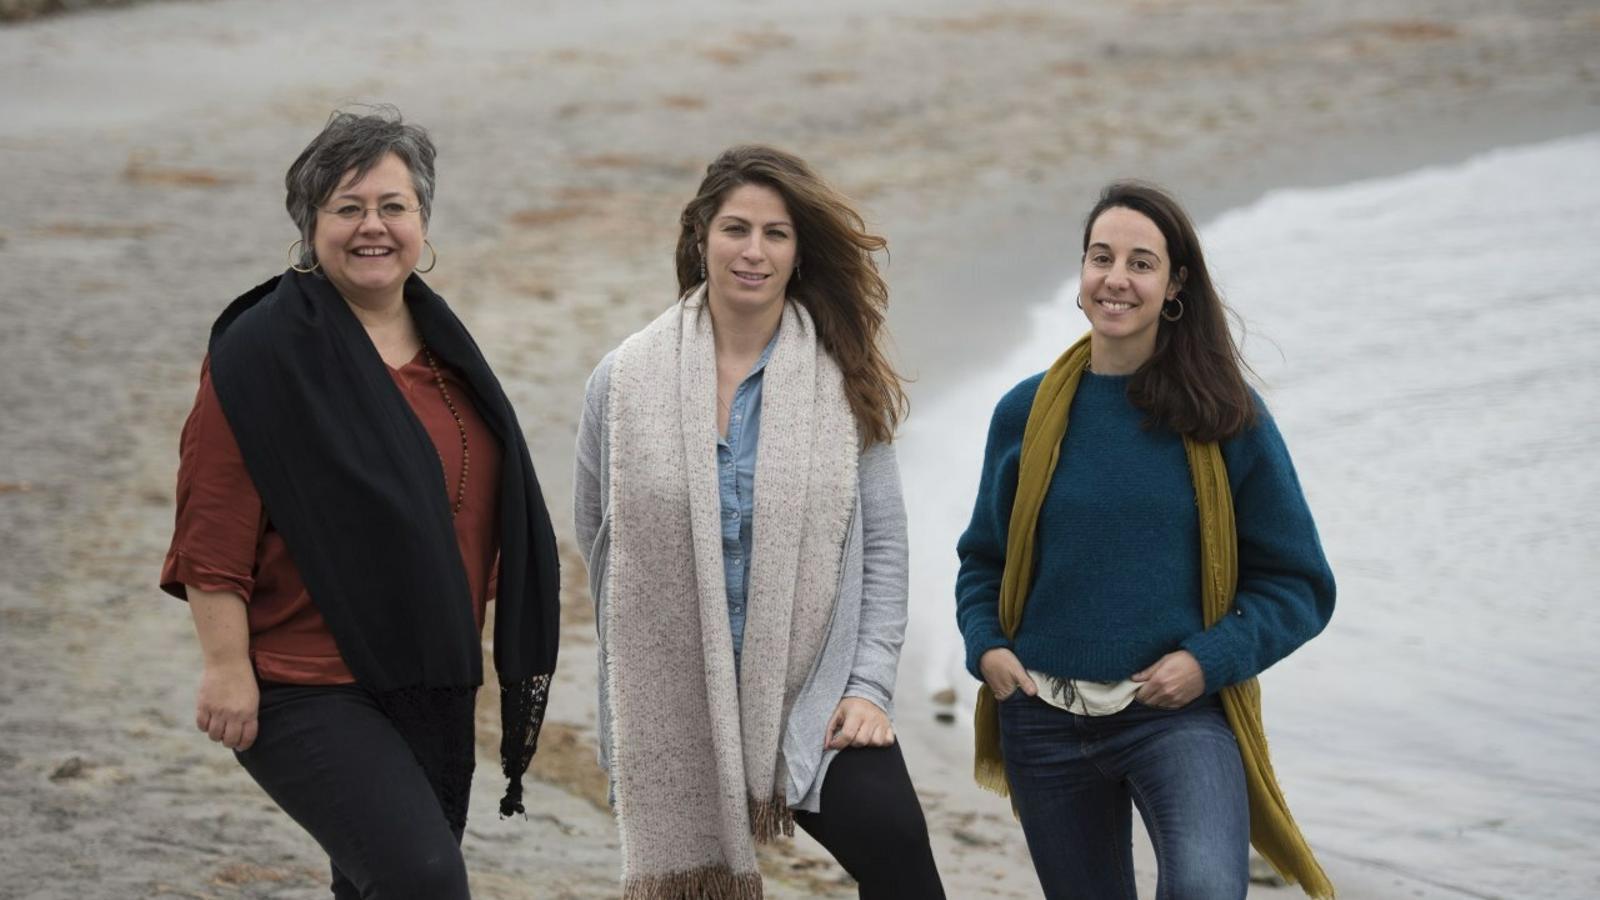 Cristina Gómez, Nati Benejam i Paula Ferrando són els càrrecs públics d'Unides Podem al Consell de Menorca.